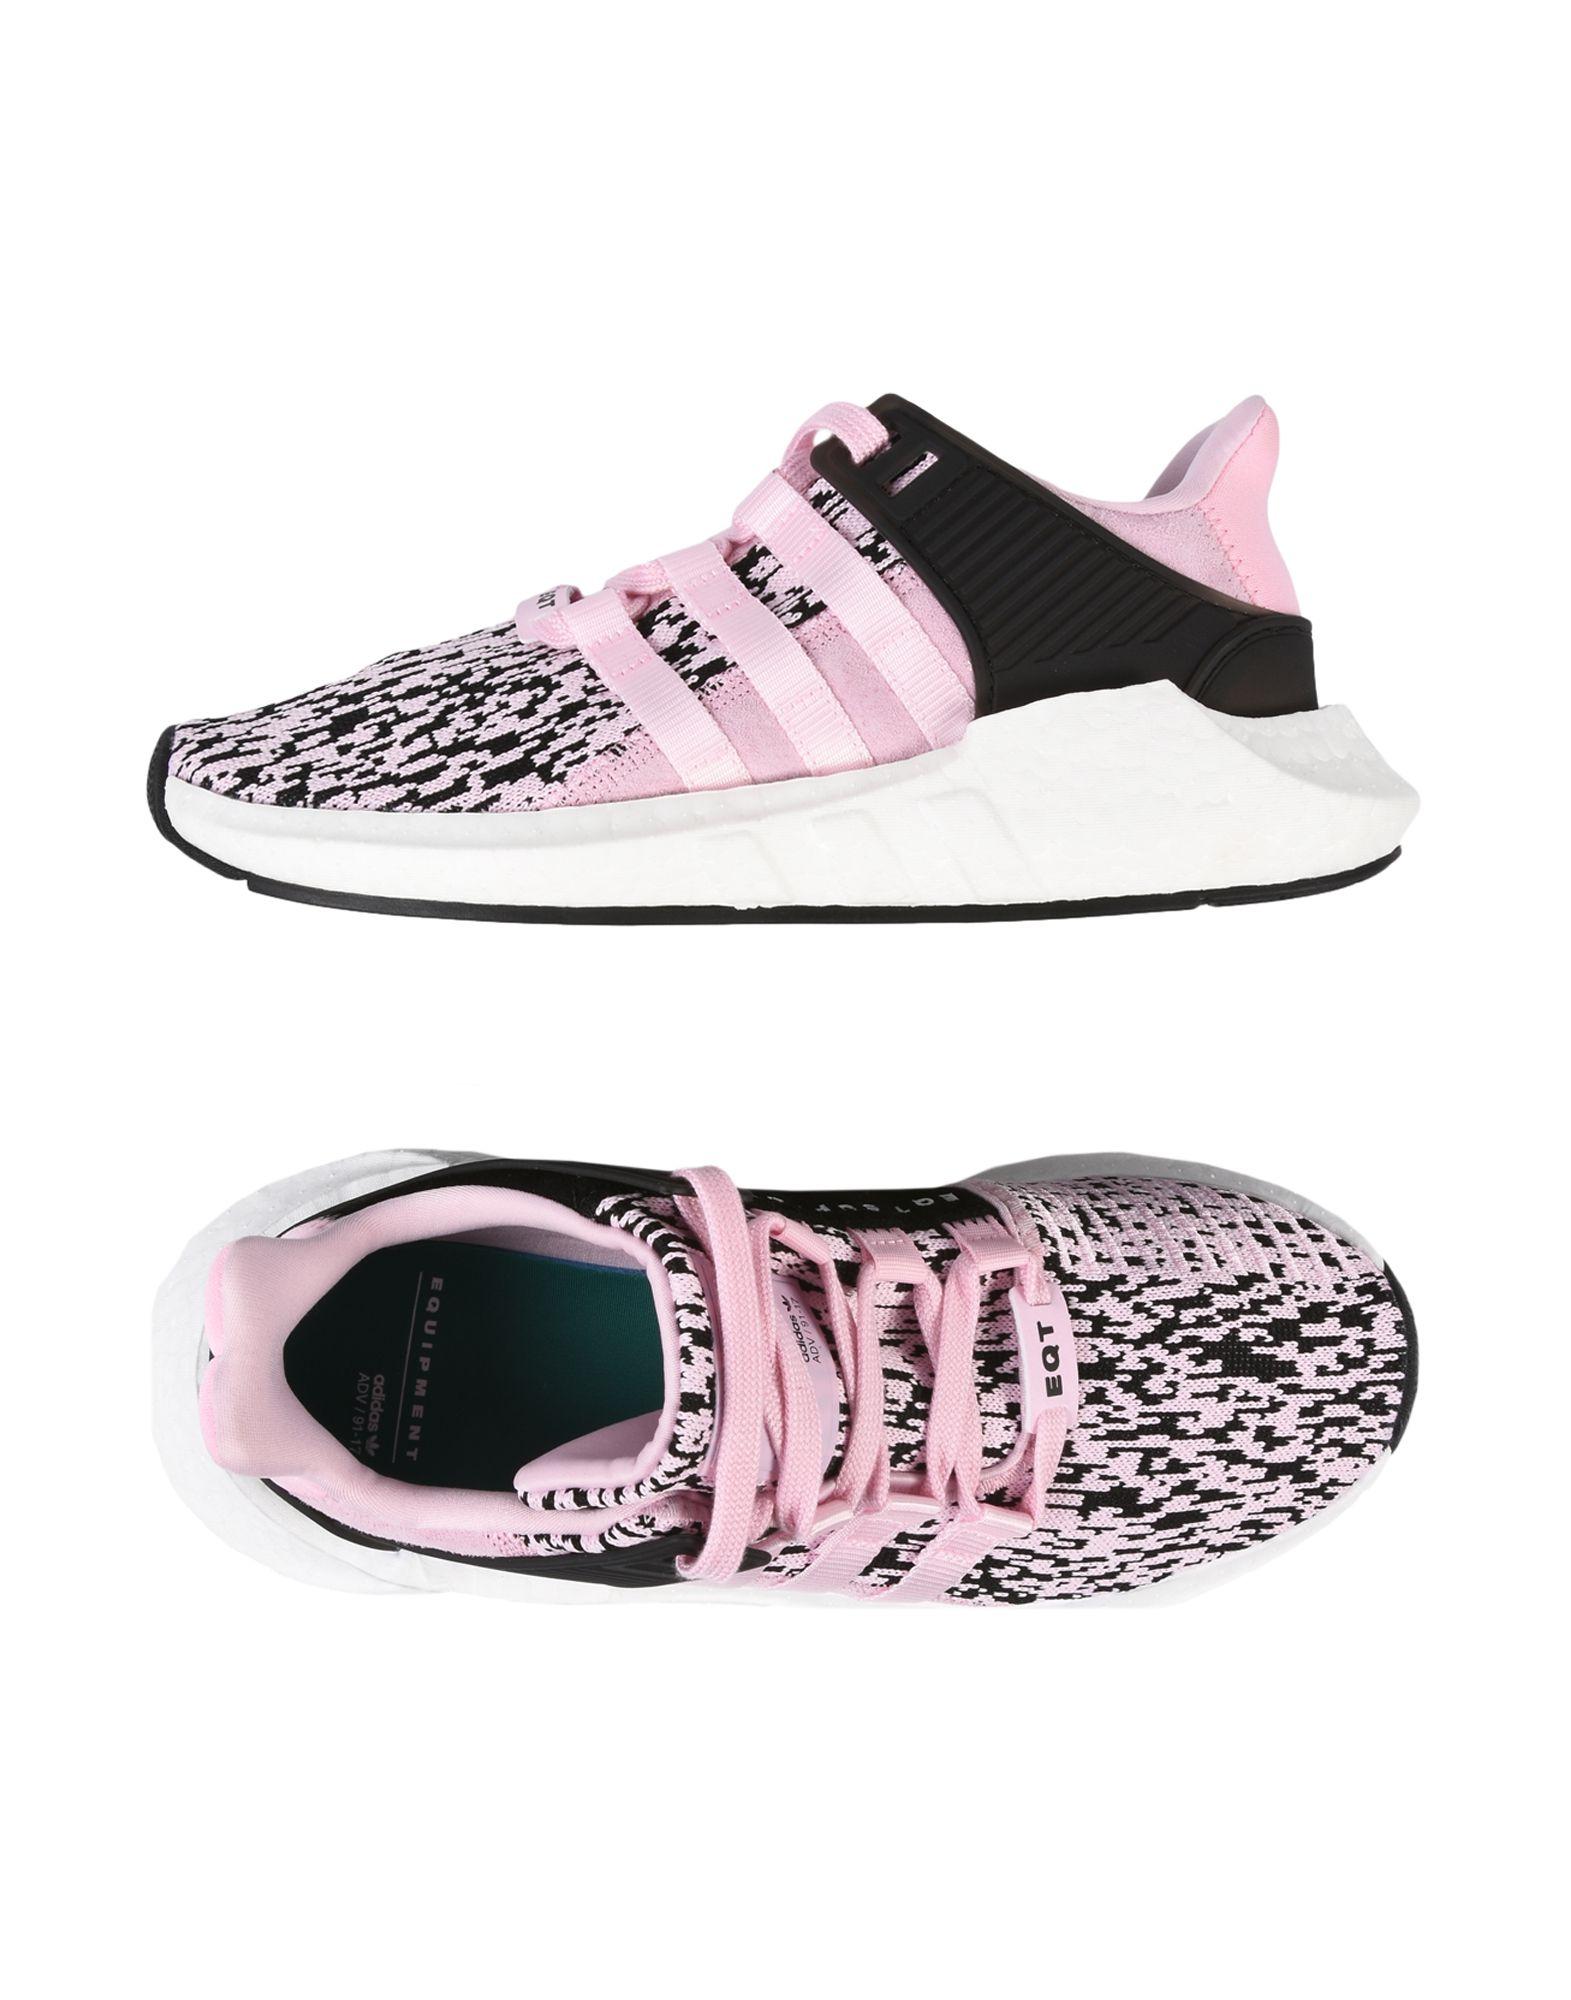 Sneakers Adidas Originals Donna Eqt Support 93/17 - Donna Originals - 11307975NW aeb754